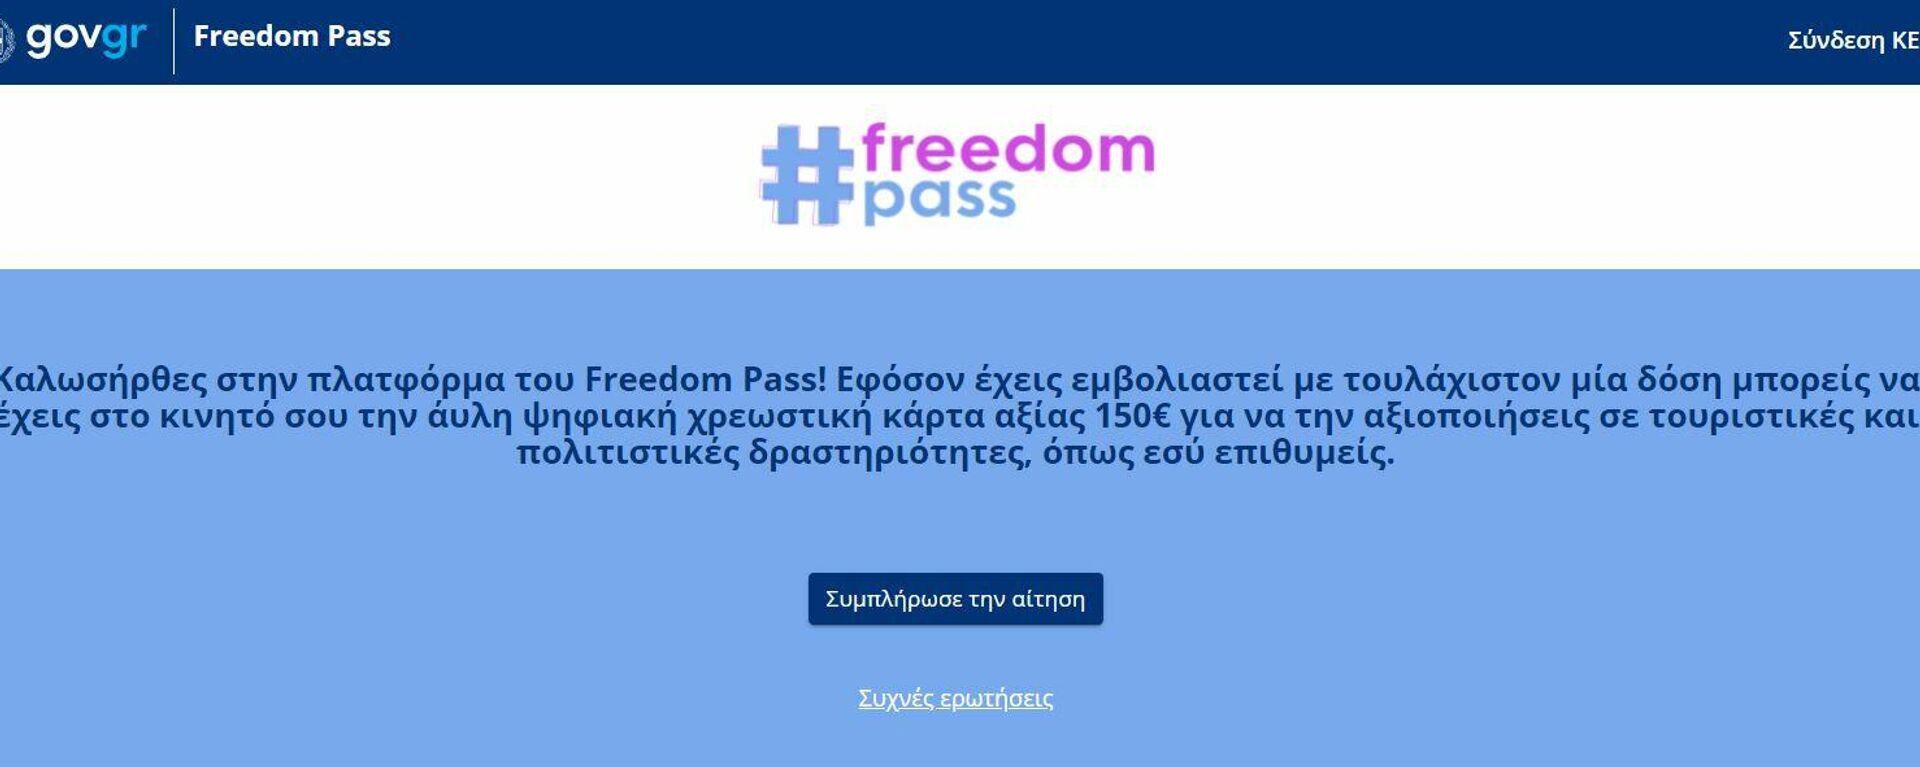 Freedom Pass - Sputnik Ελλάδα, 1920, 29.08.2021